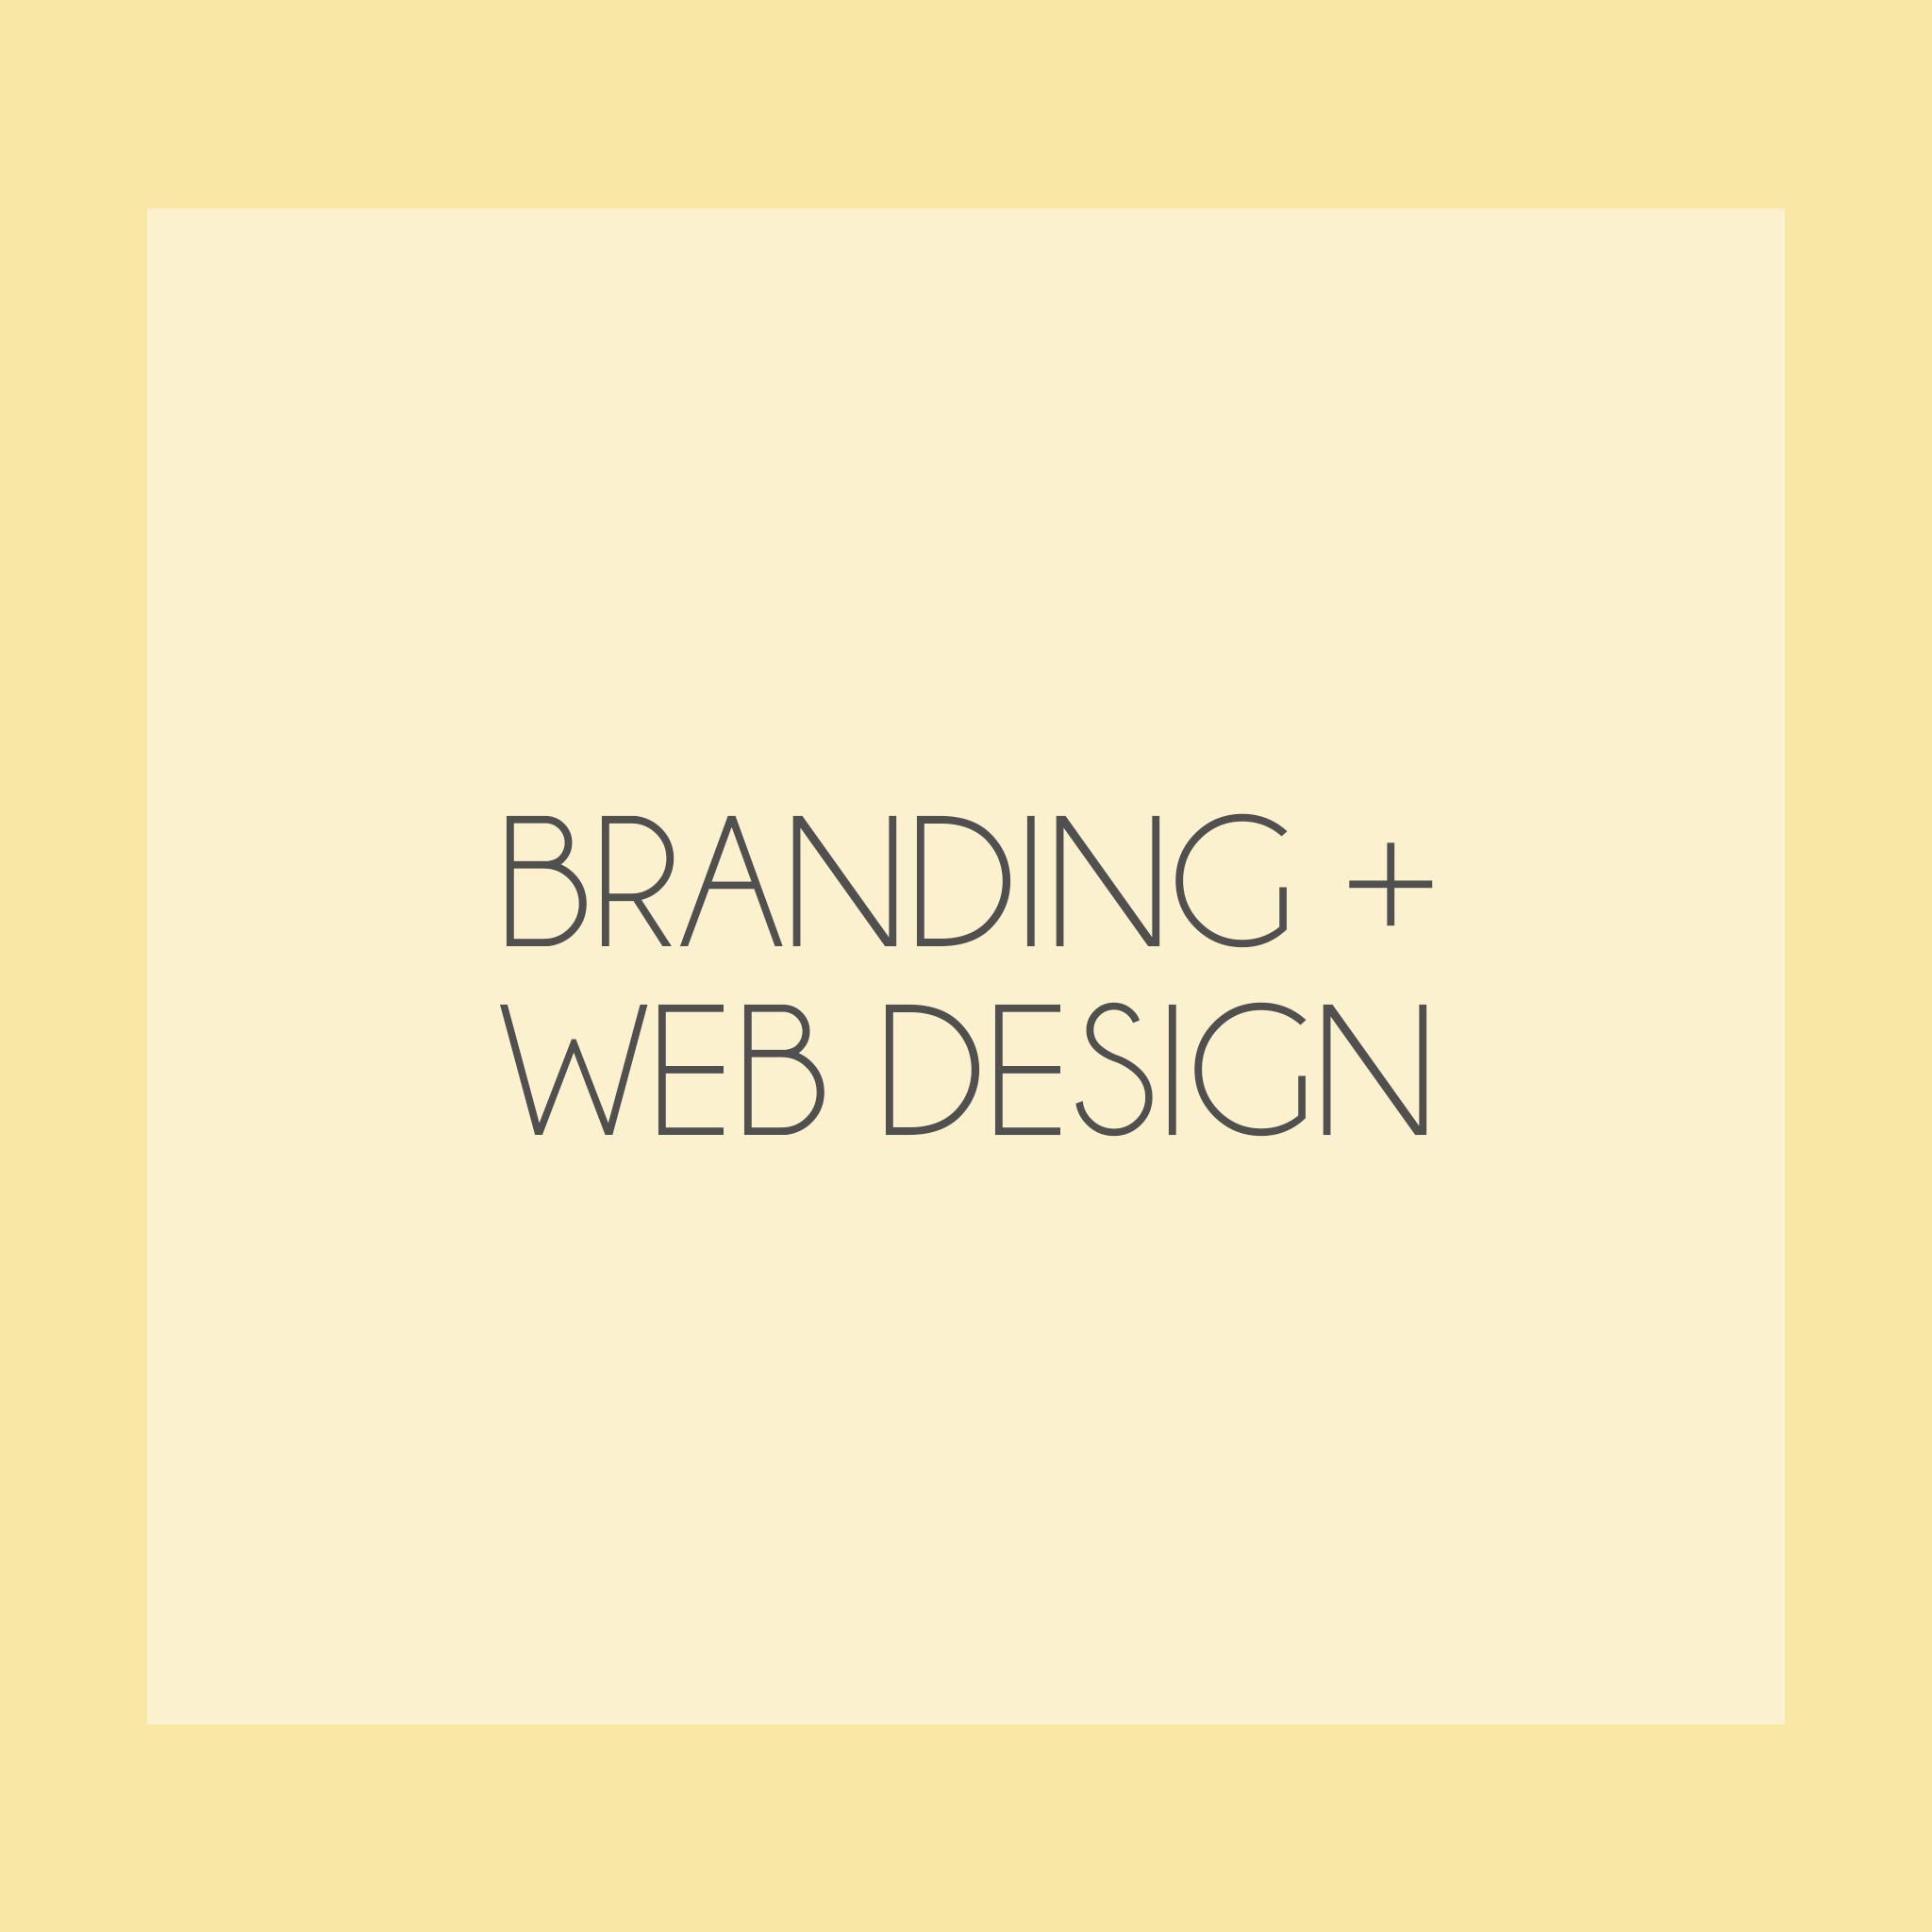 BrandingWebDesignHeader.jpg